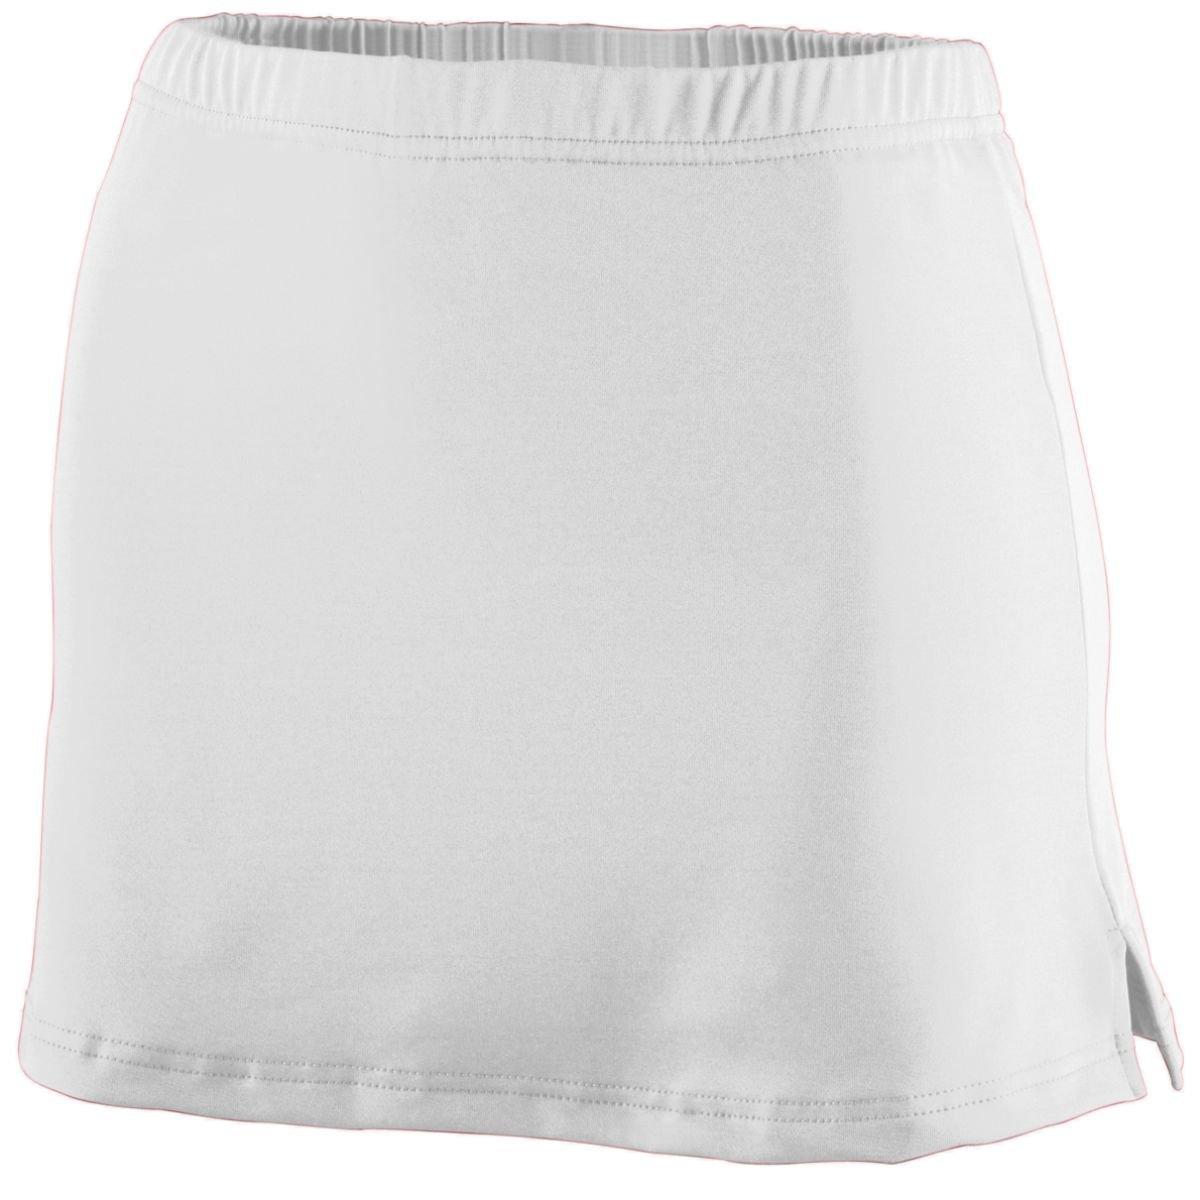 Augusta Sportswear WOMEN'S POLY/SPANDEX TEAM SKORT - White 751A S